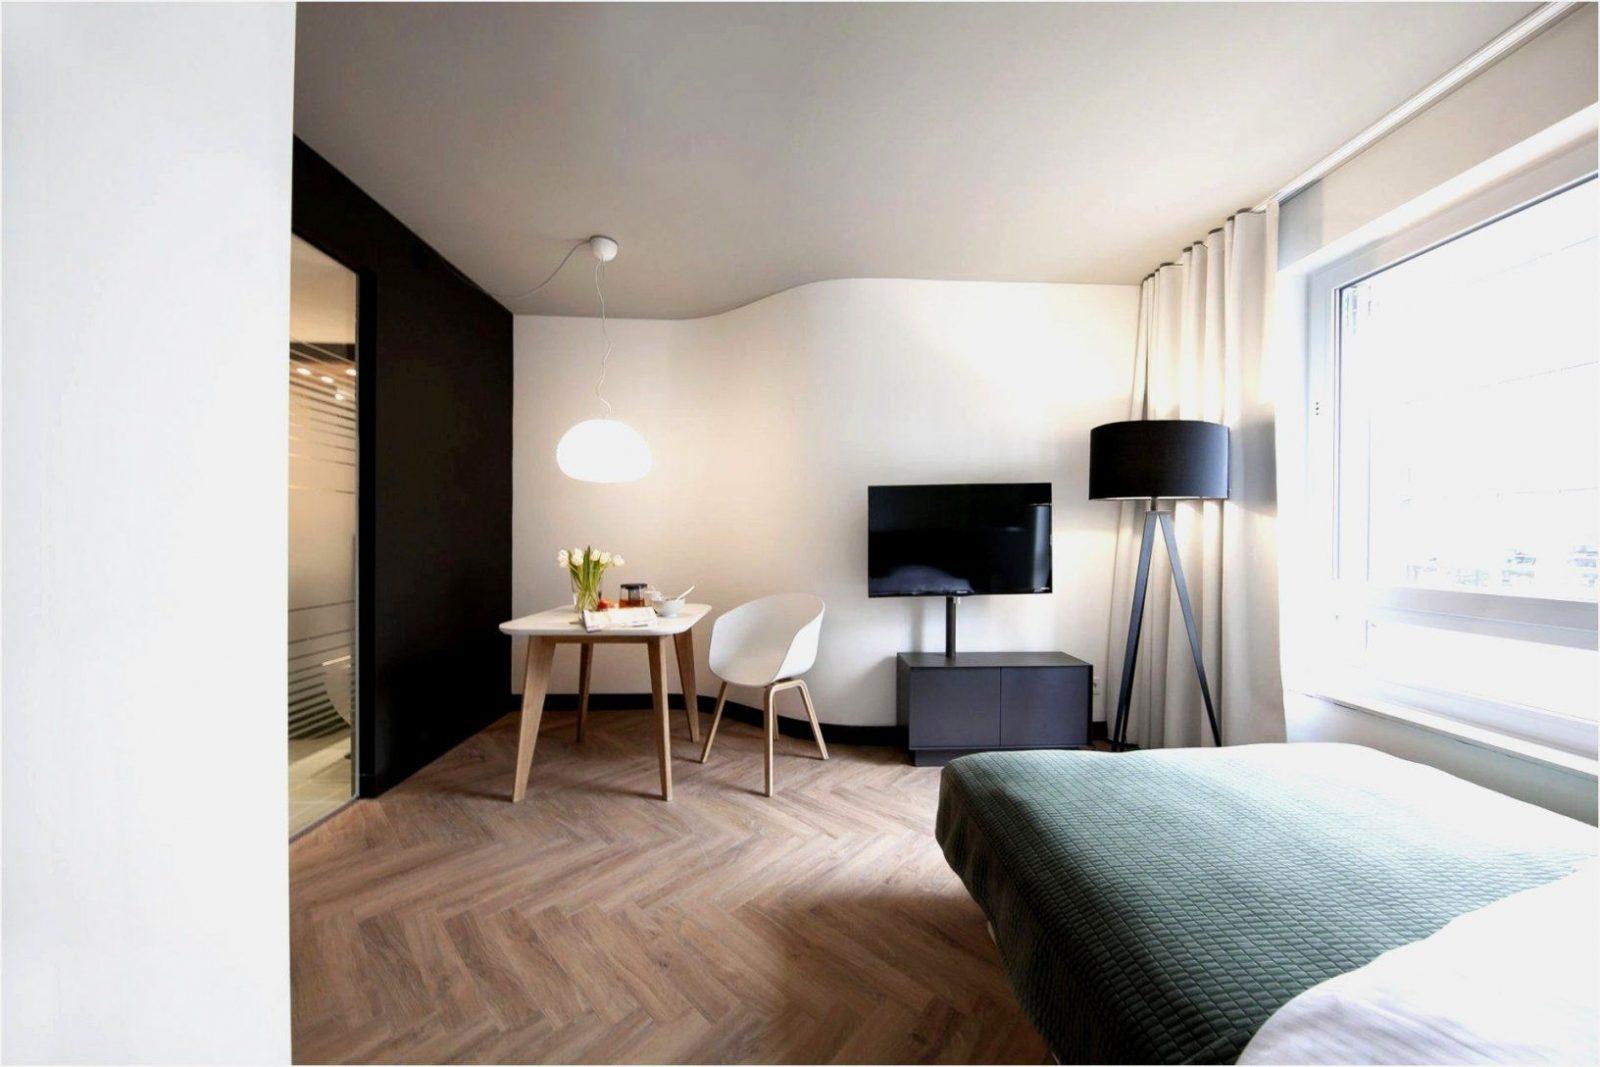 Wohnung München Provisionsfrei Unique Sch Nheit 2 Zimmer Wohnung von 2 Zimmer Wohnung Mieten München Provisionsfrei Photo